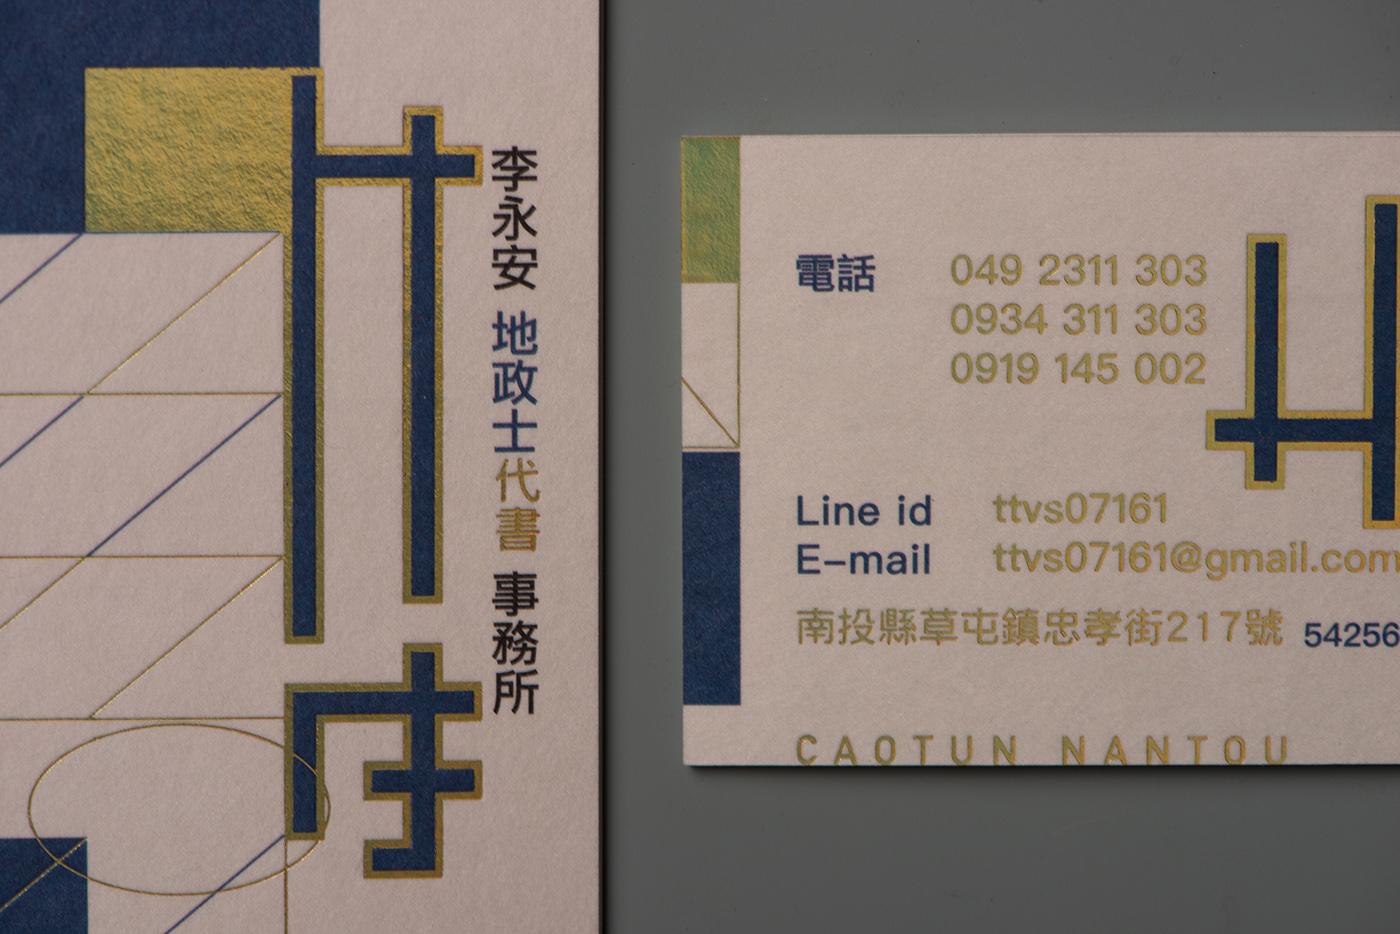 CIS Lee Yong An Escrow Service nantou Caotun